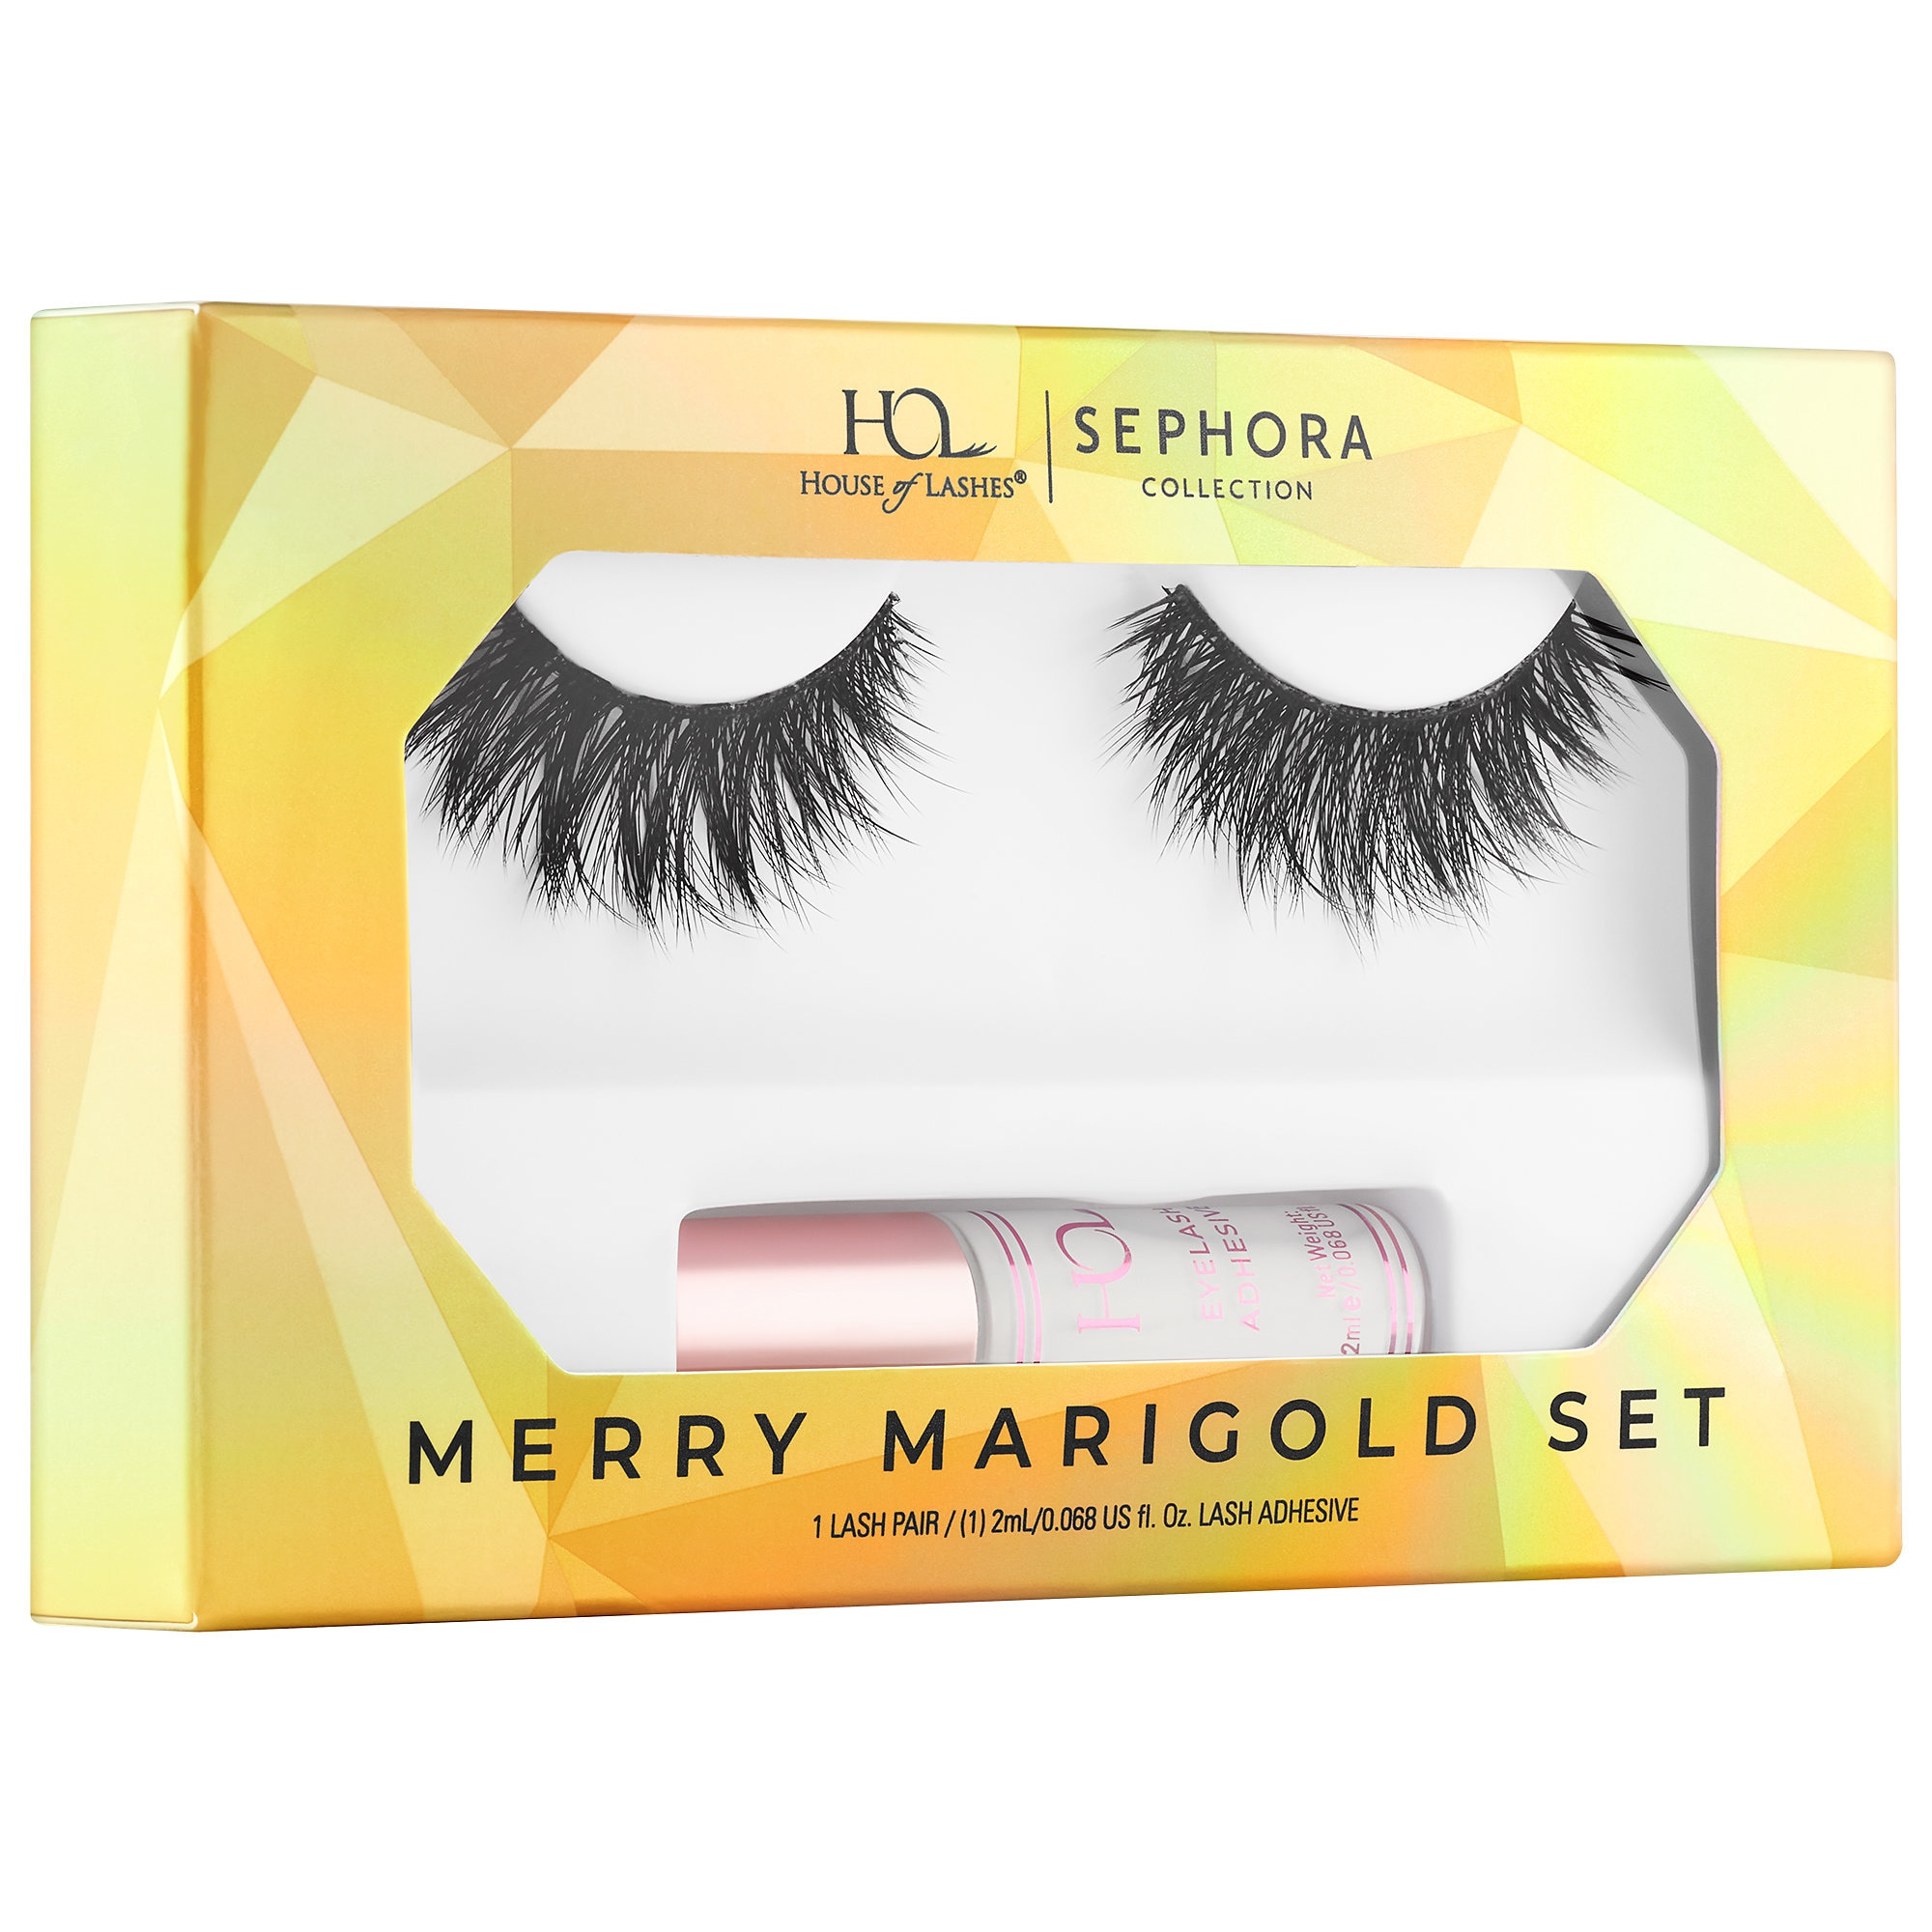 Sephora - House of Lashes x Sephora Collection Merry Marigold Eyelash and Glue Set